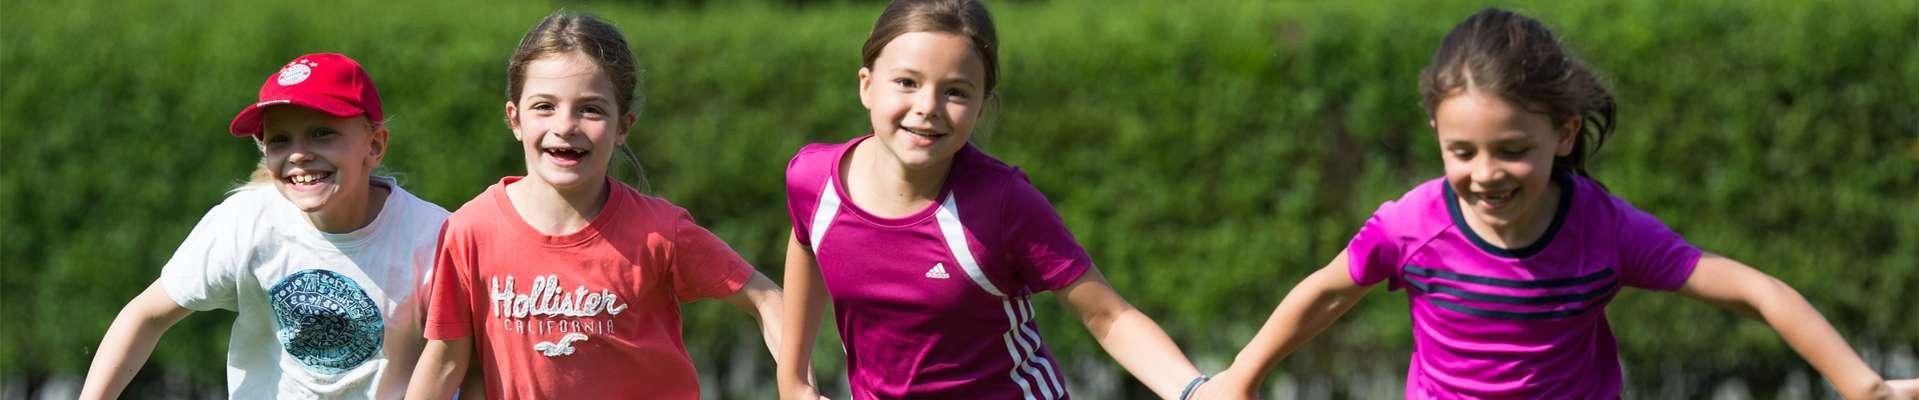 Headerbild Programm NRW bewegt seine KINDER!: Kindergruppe beim Laufen